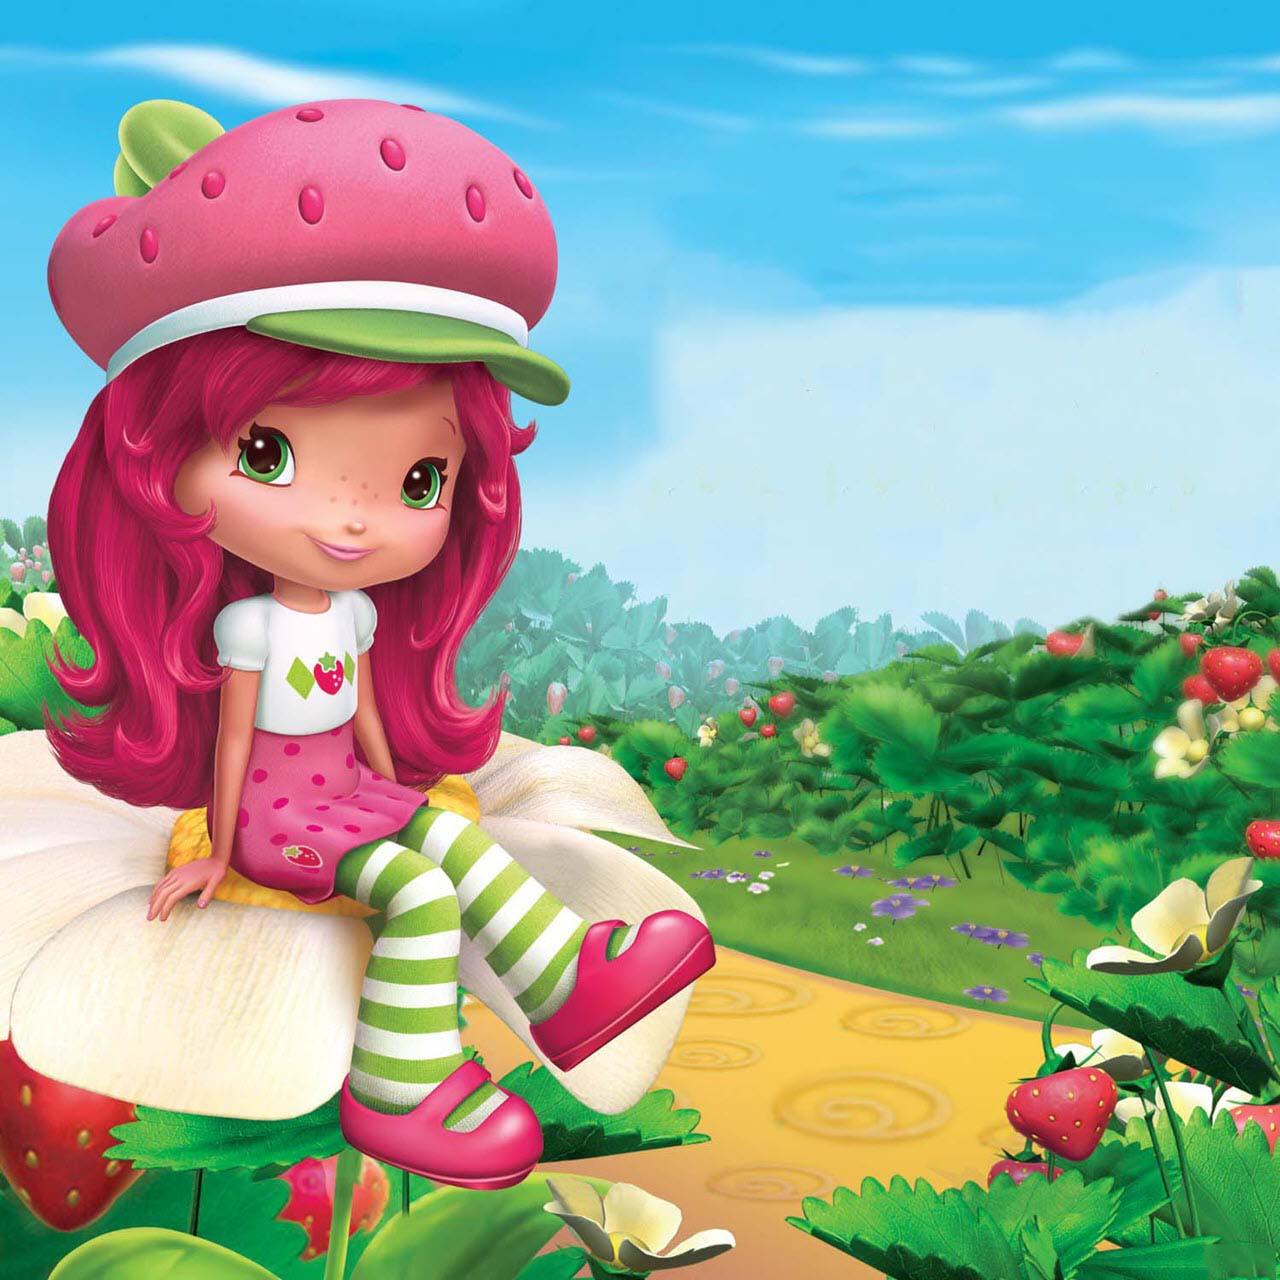 Hình ảnh nhân vật hoạt hình dễ thương